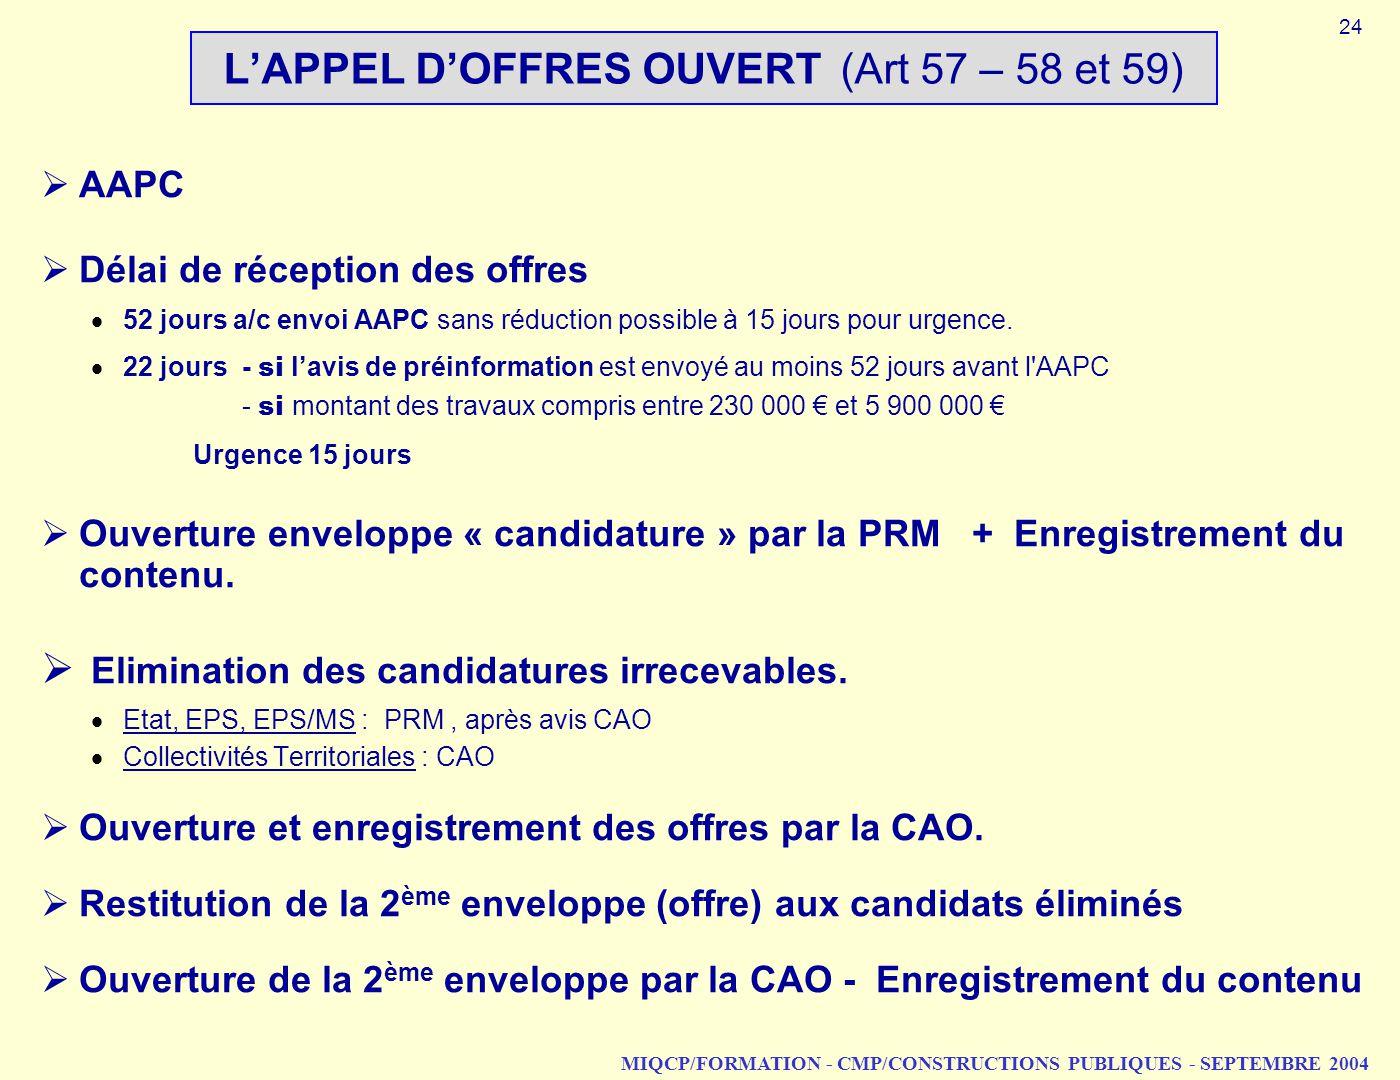 L'APPEL D'OFFRES OUVERT (Art 57 – 58 et 59)